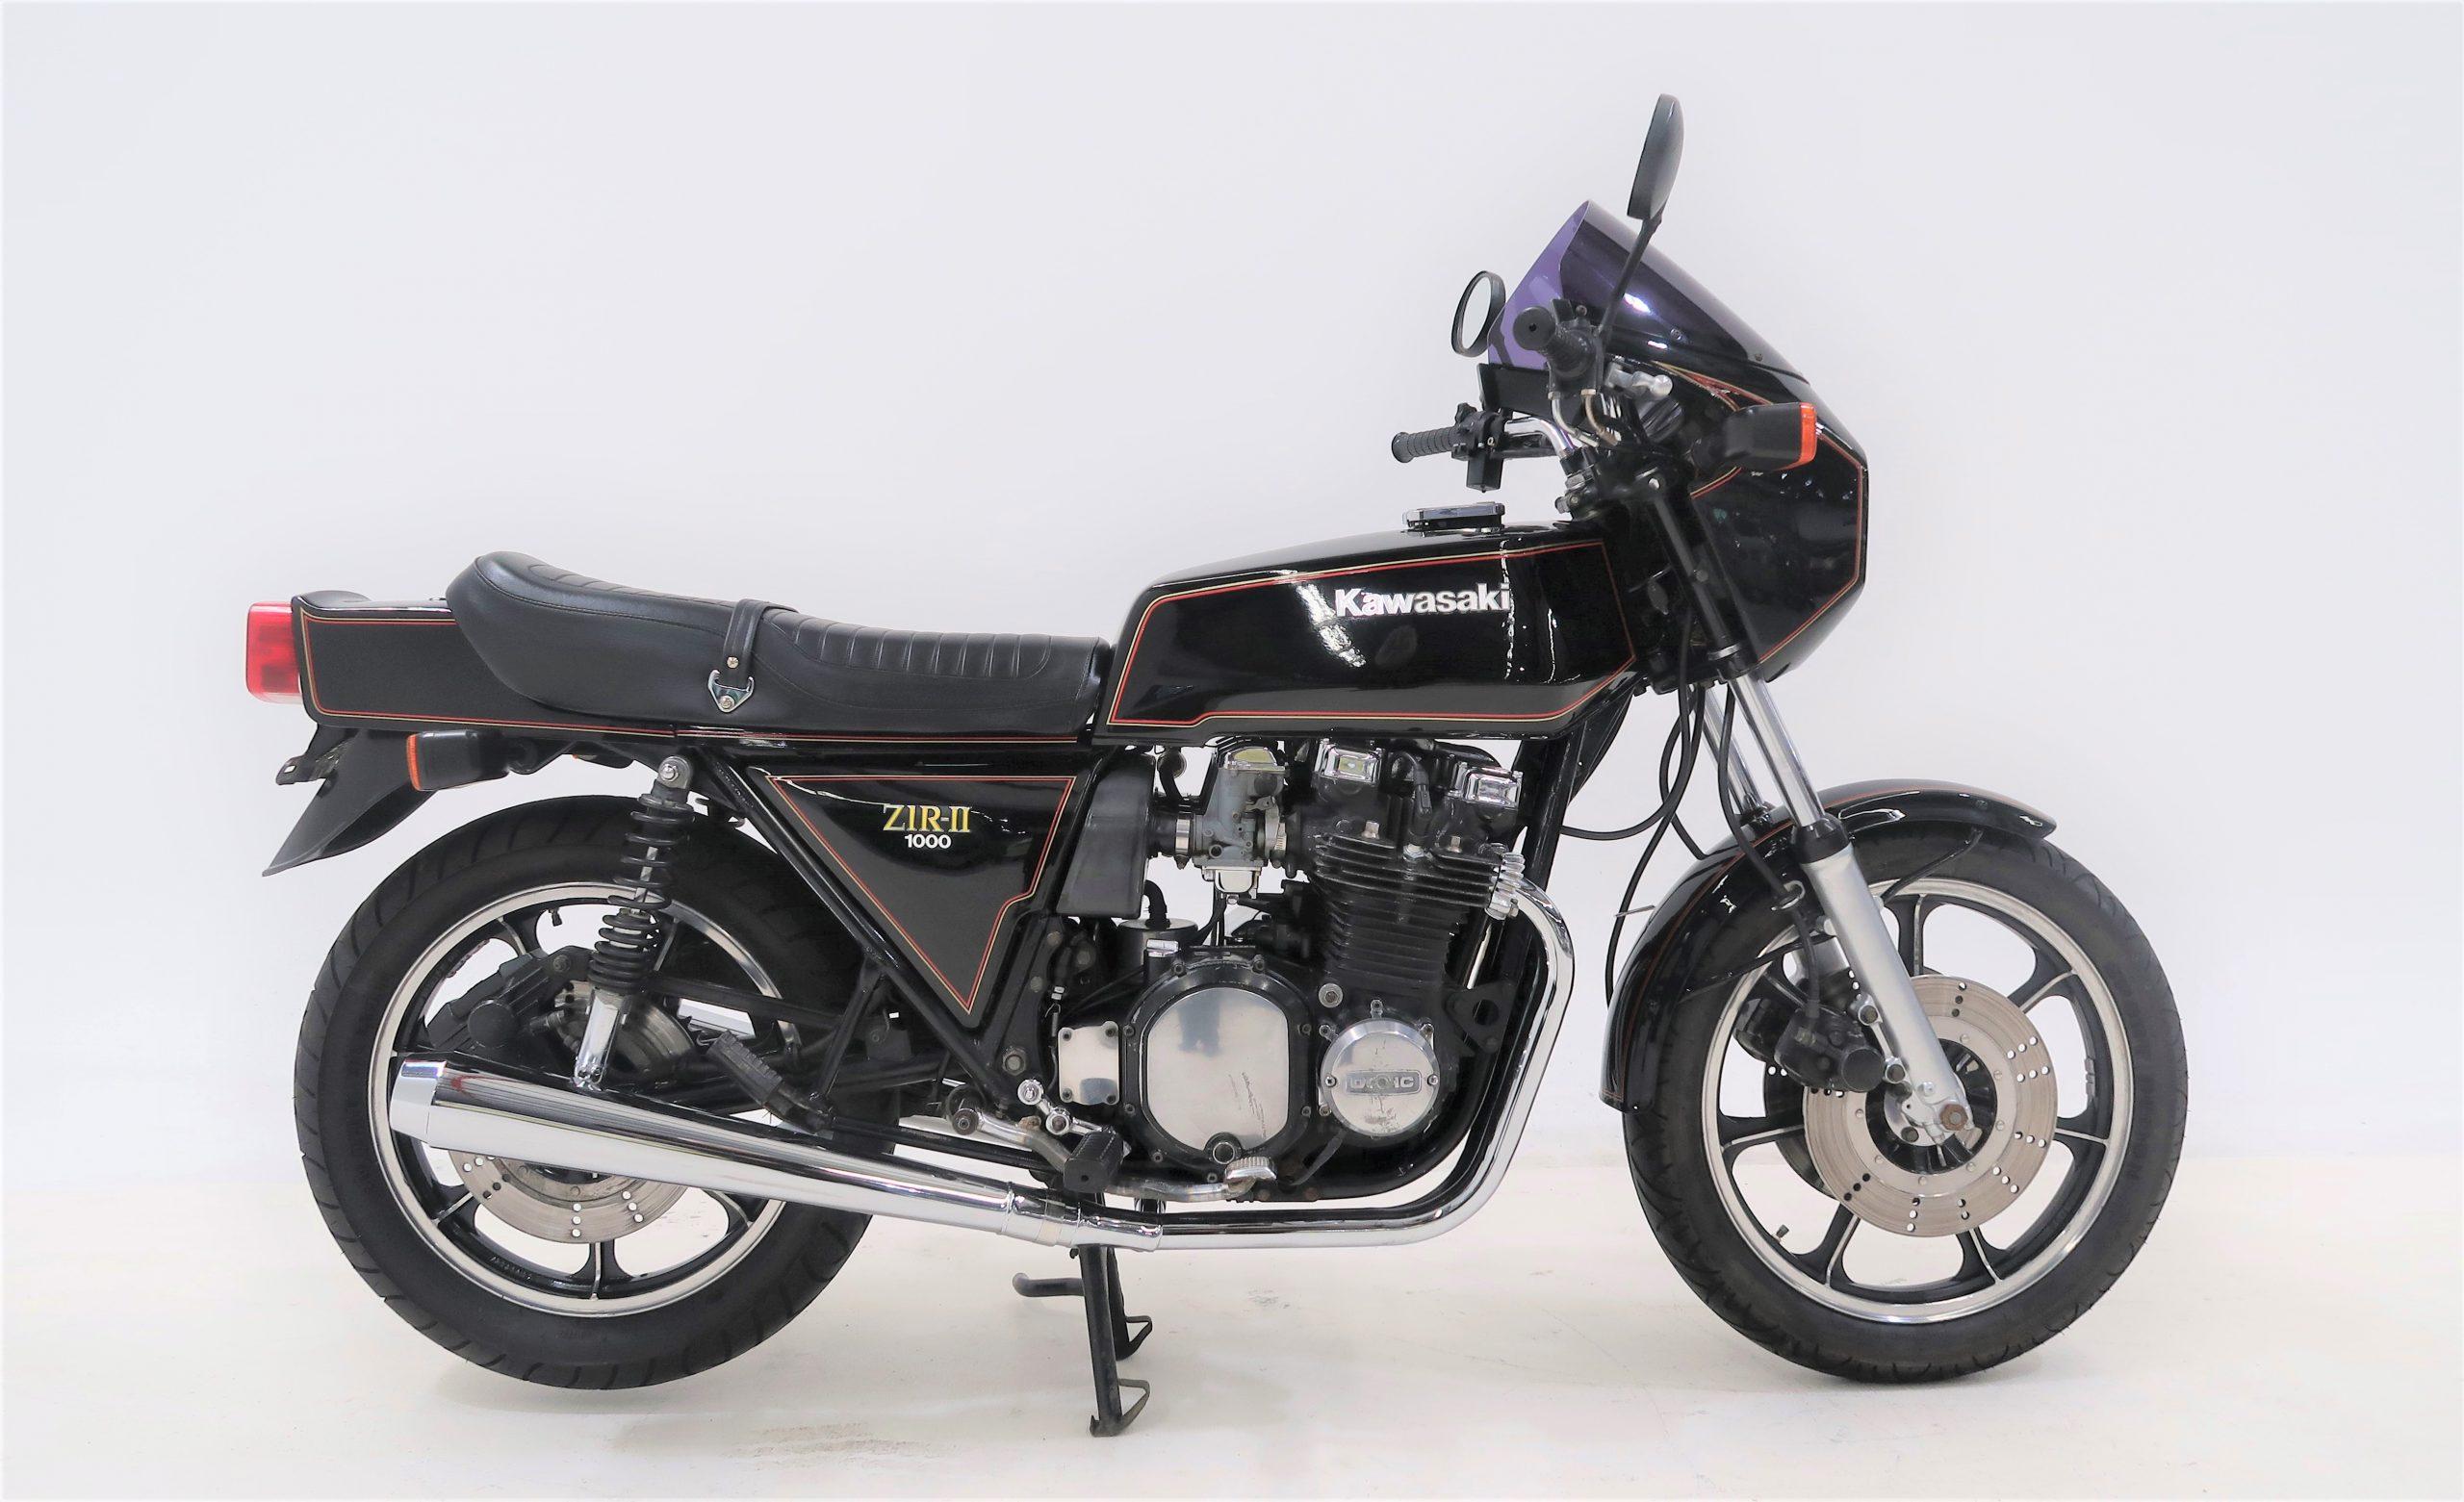 1979 Kawasaki Z1R MkII D3 1000cc